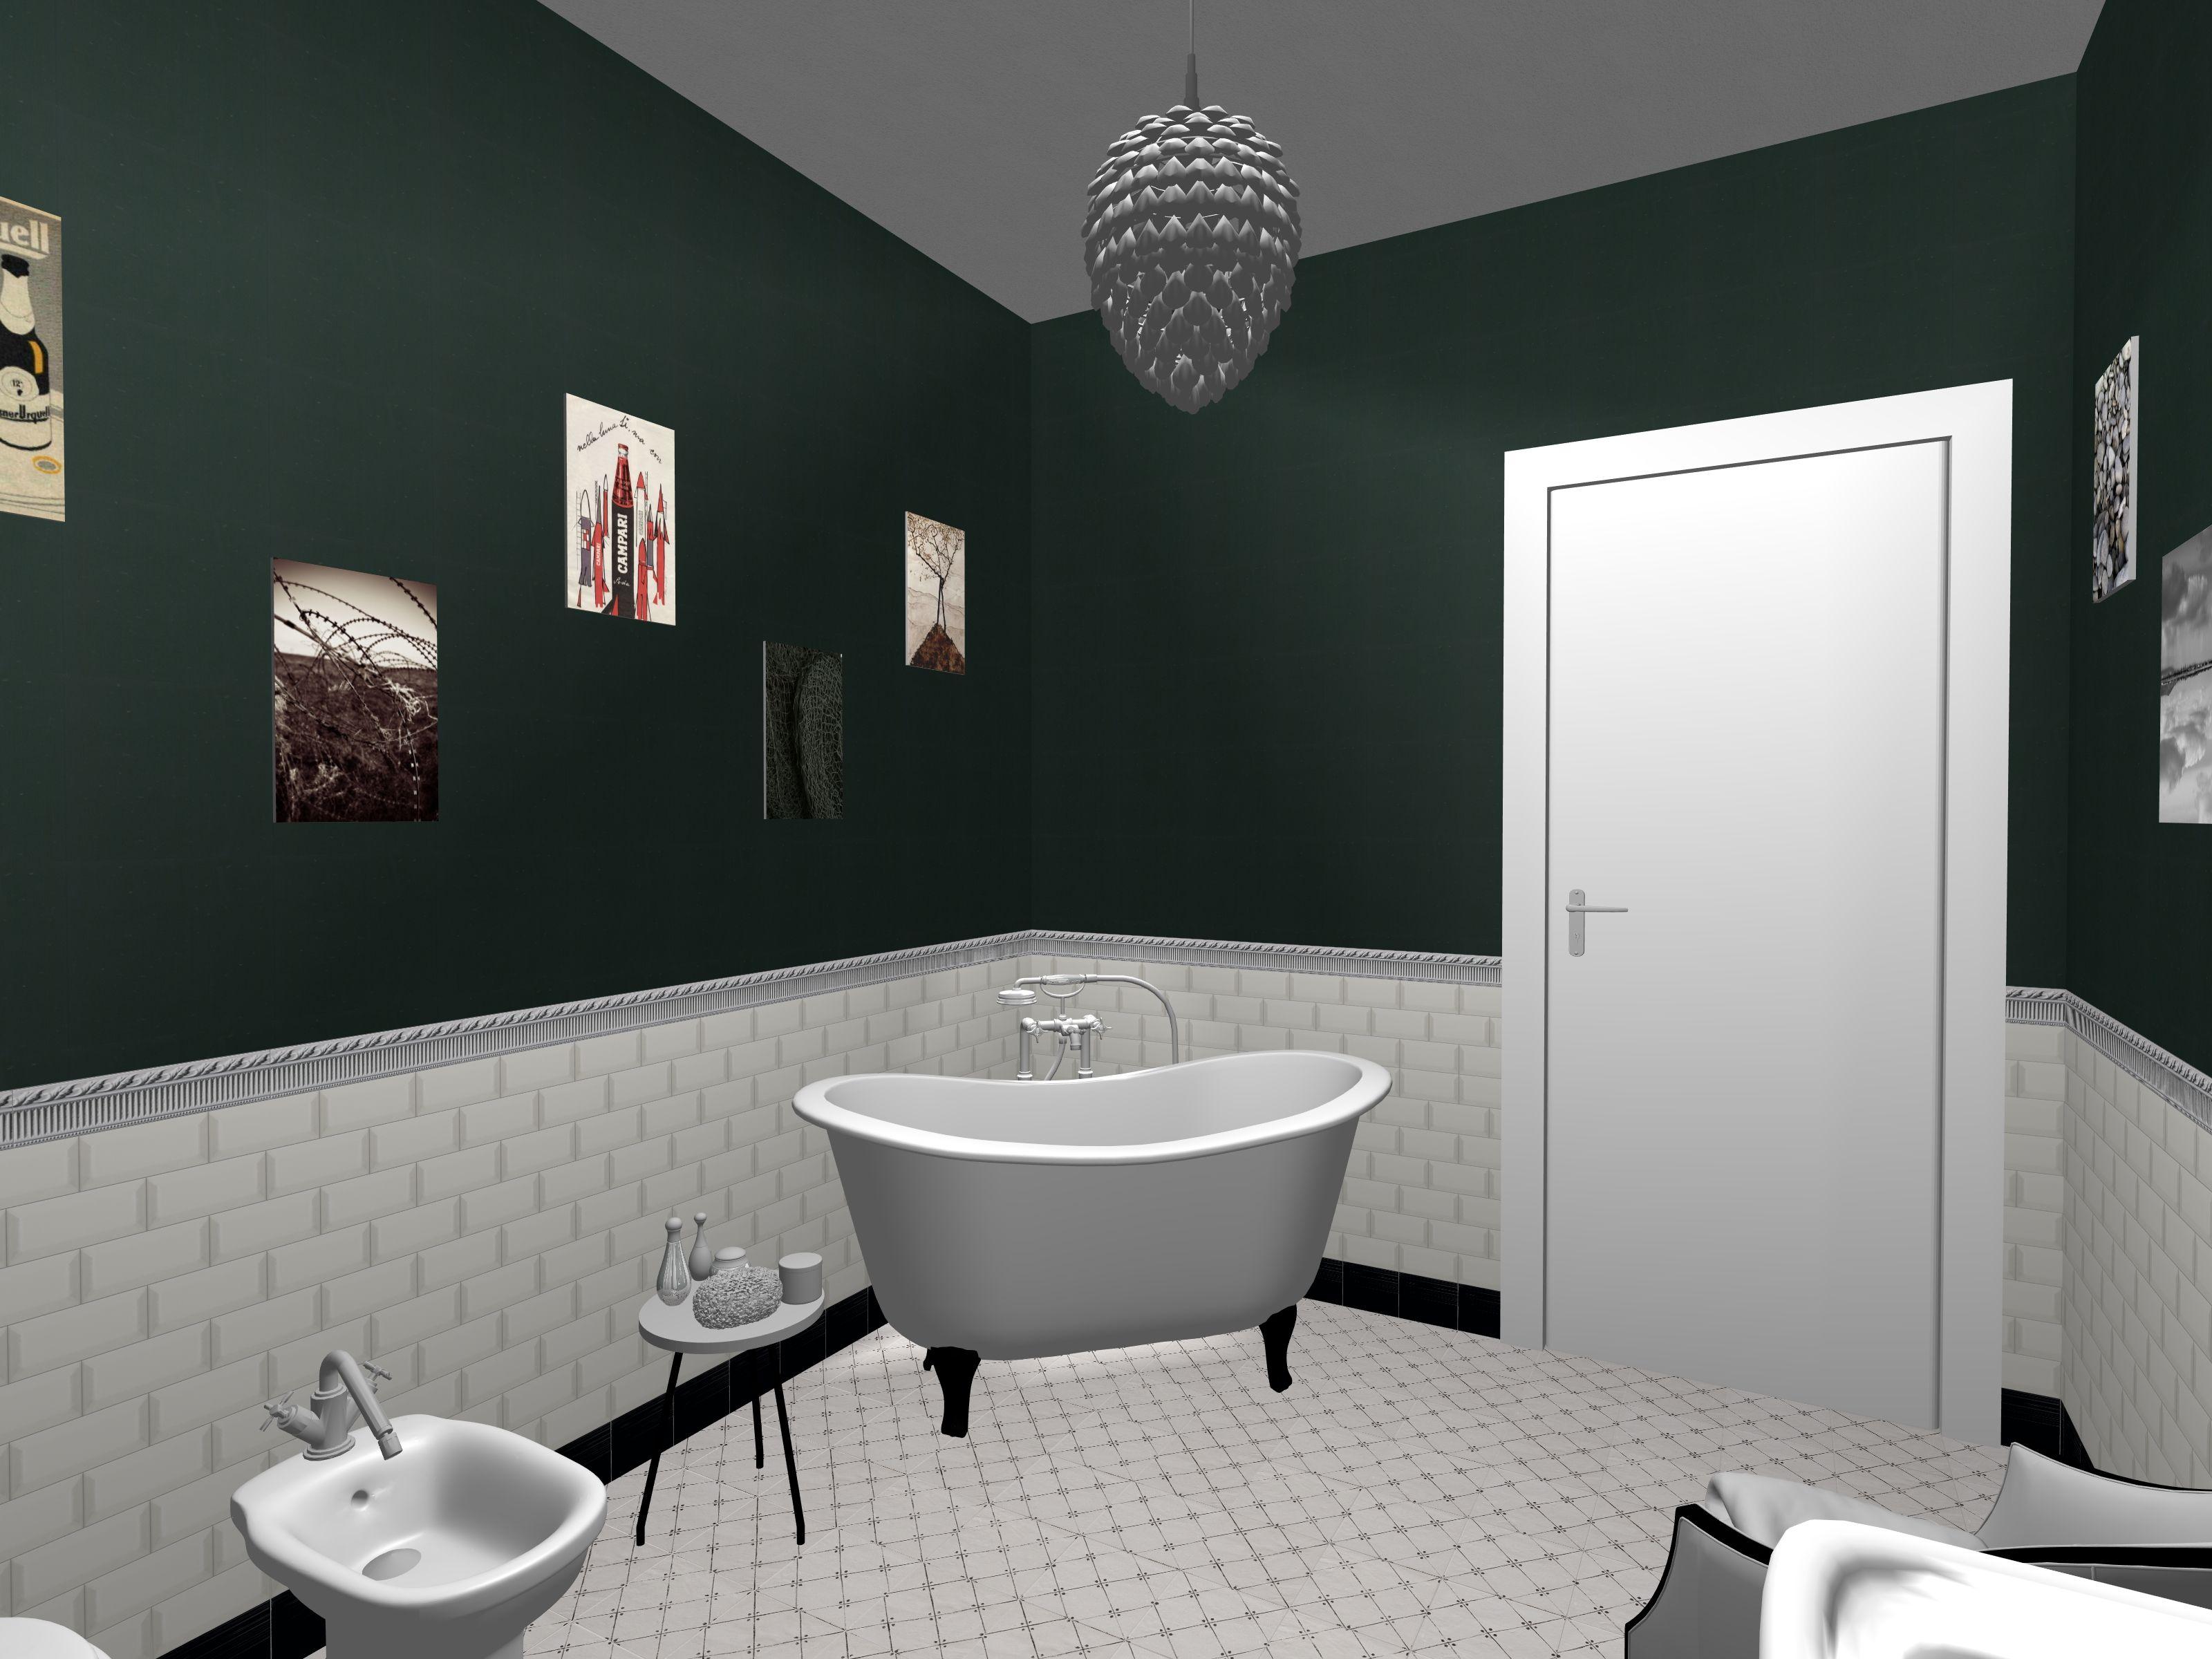 Colori piastrelle bagno. affordable coprire le piastrelle del bagno